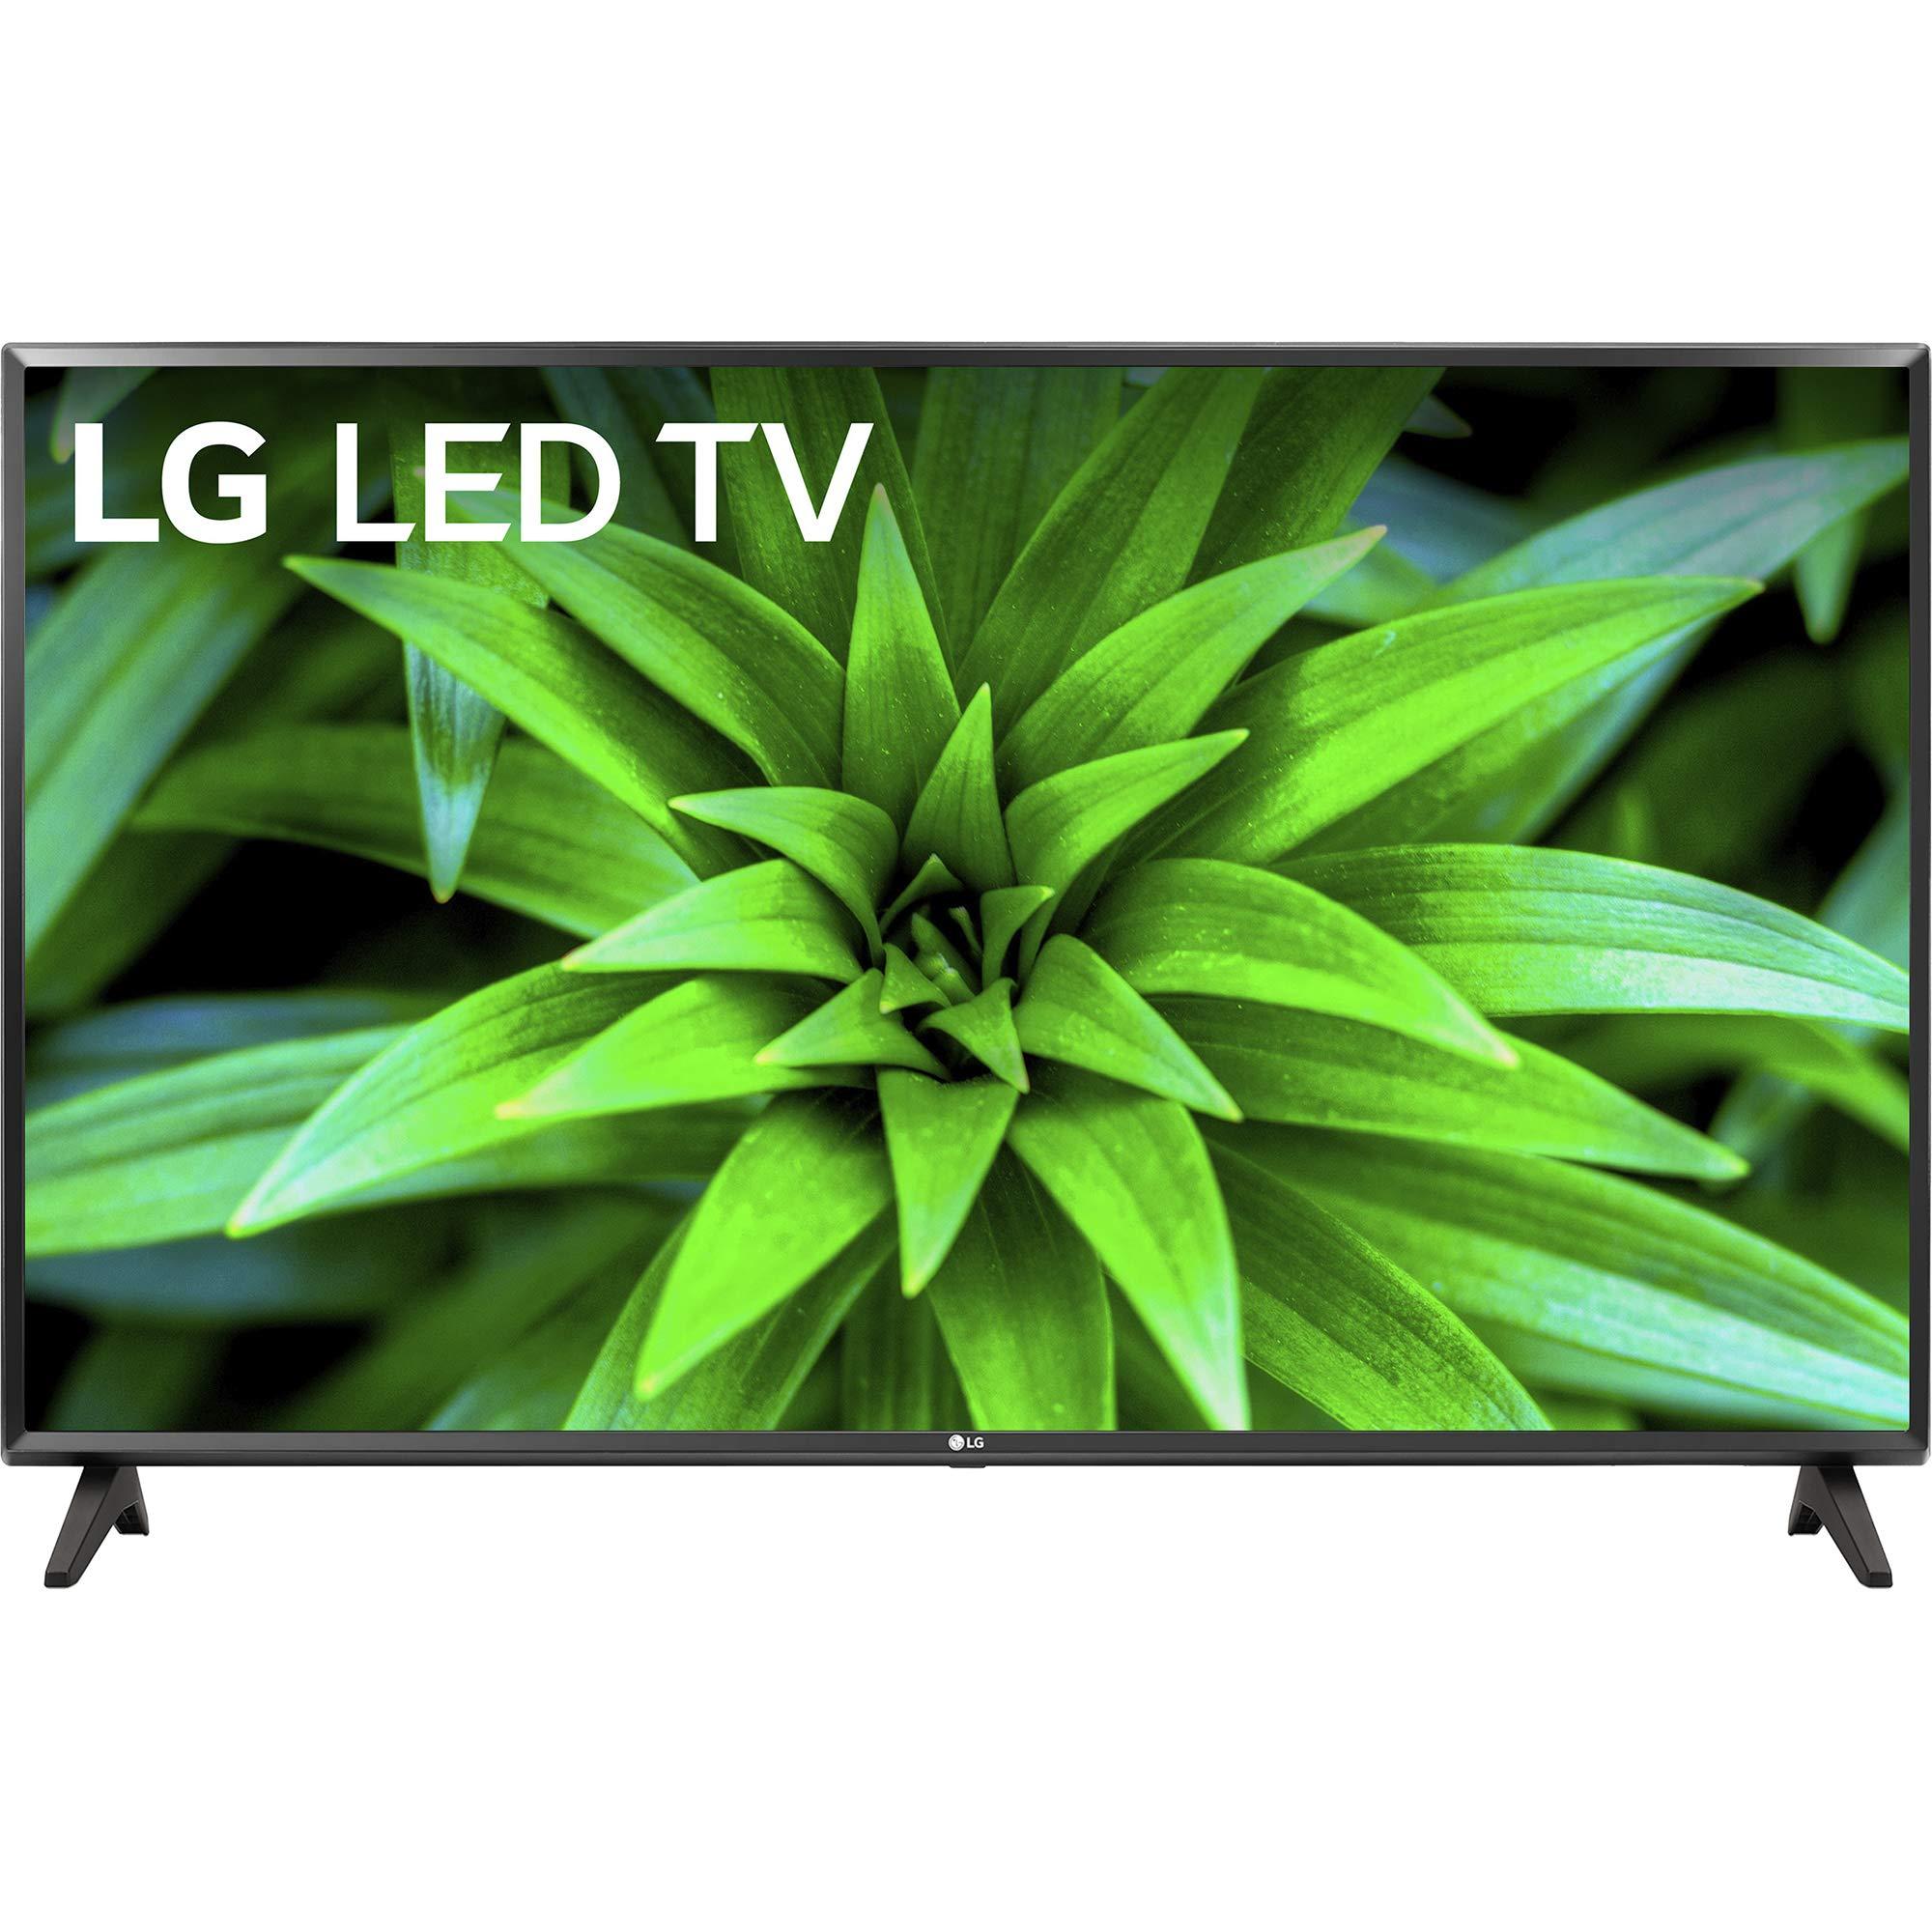 LG LM5700PUA 43-inch HDR Full HD Smart LED TV